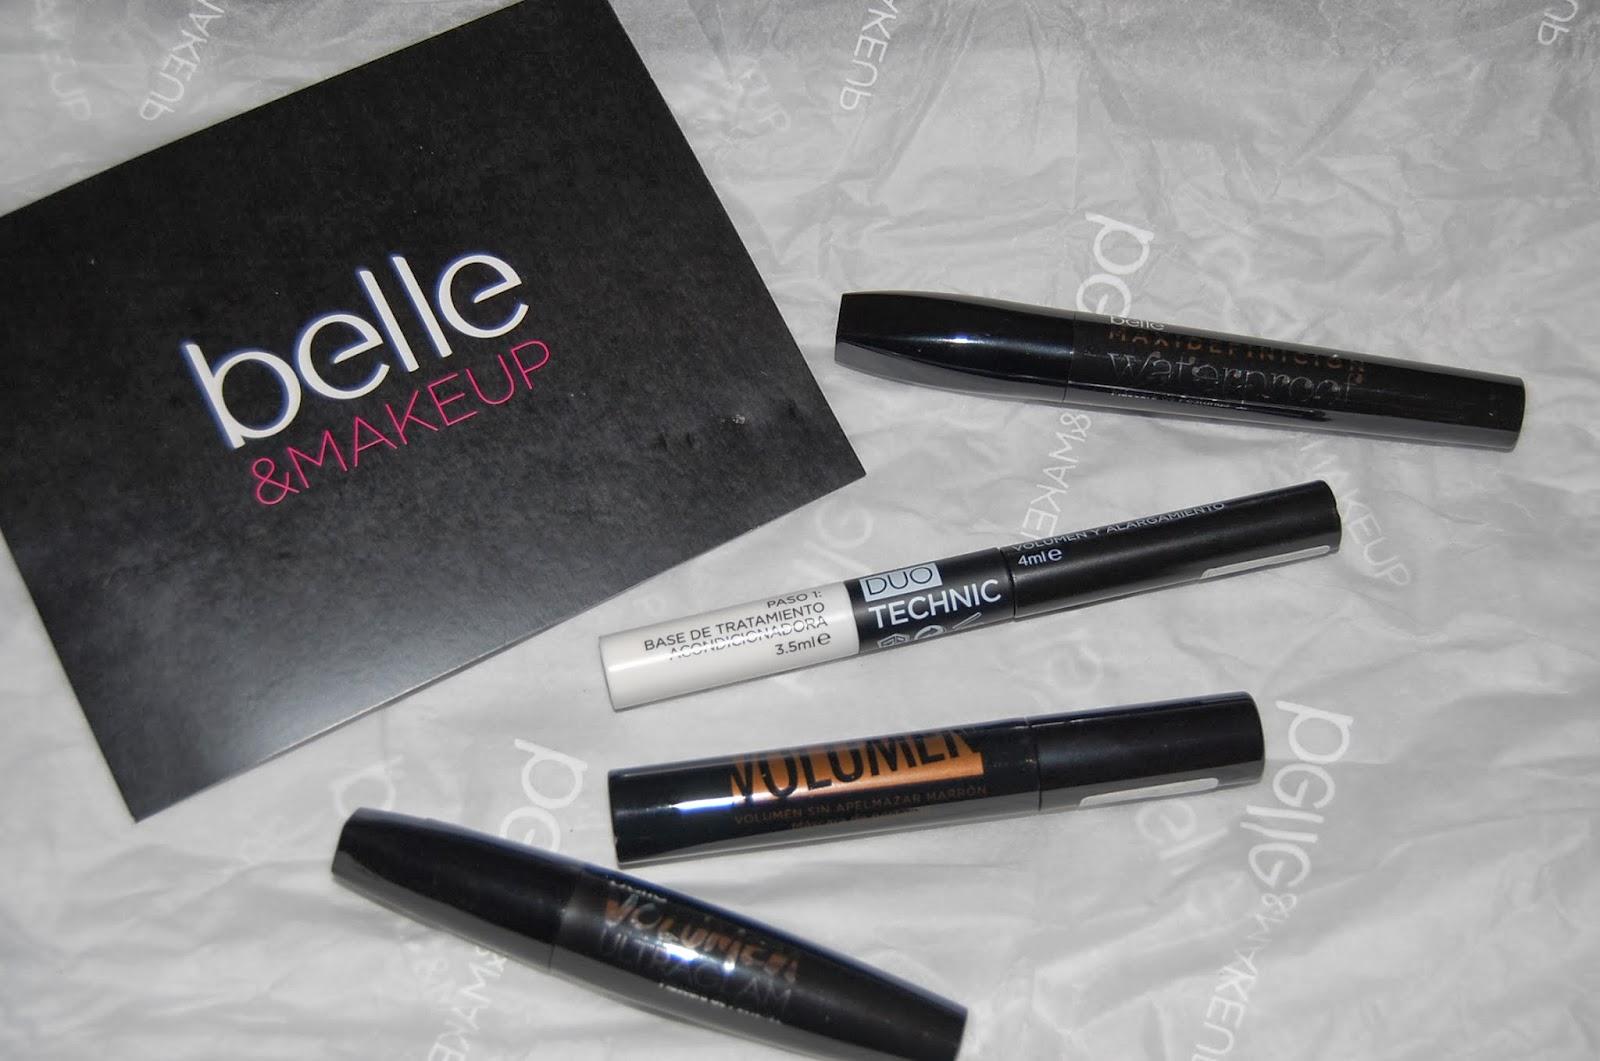 Nueva colección de Belle & Make Up: Mascarade